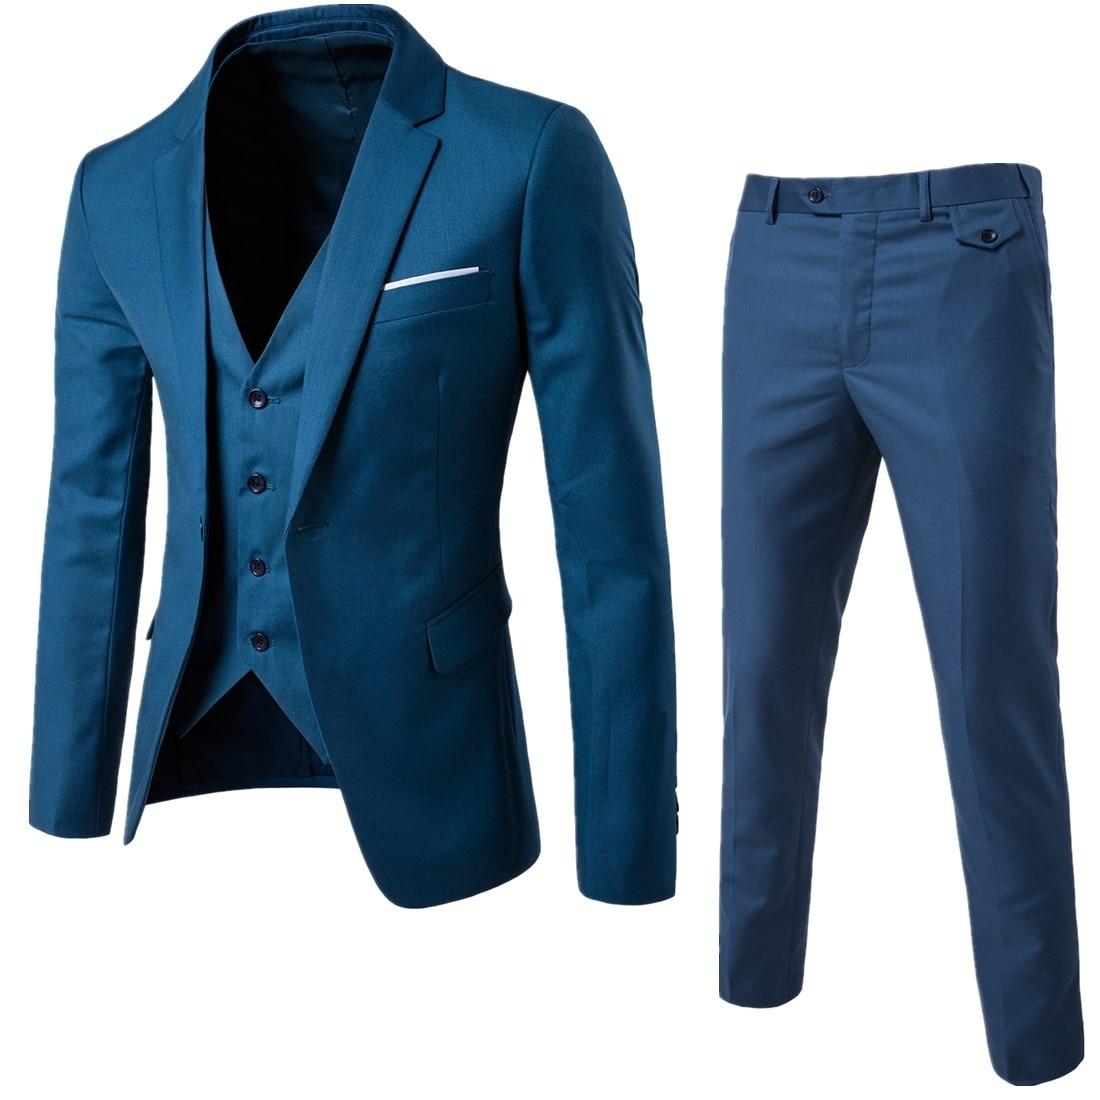 (Блейзер + жилет + брюки) Мужской Блейзер Элитный бренд официальное свадебное платье для жениха костюмы мужские однотонные деловые костюмы